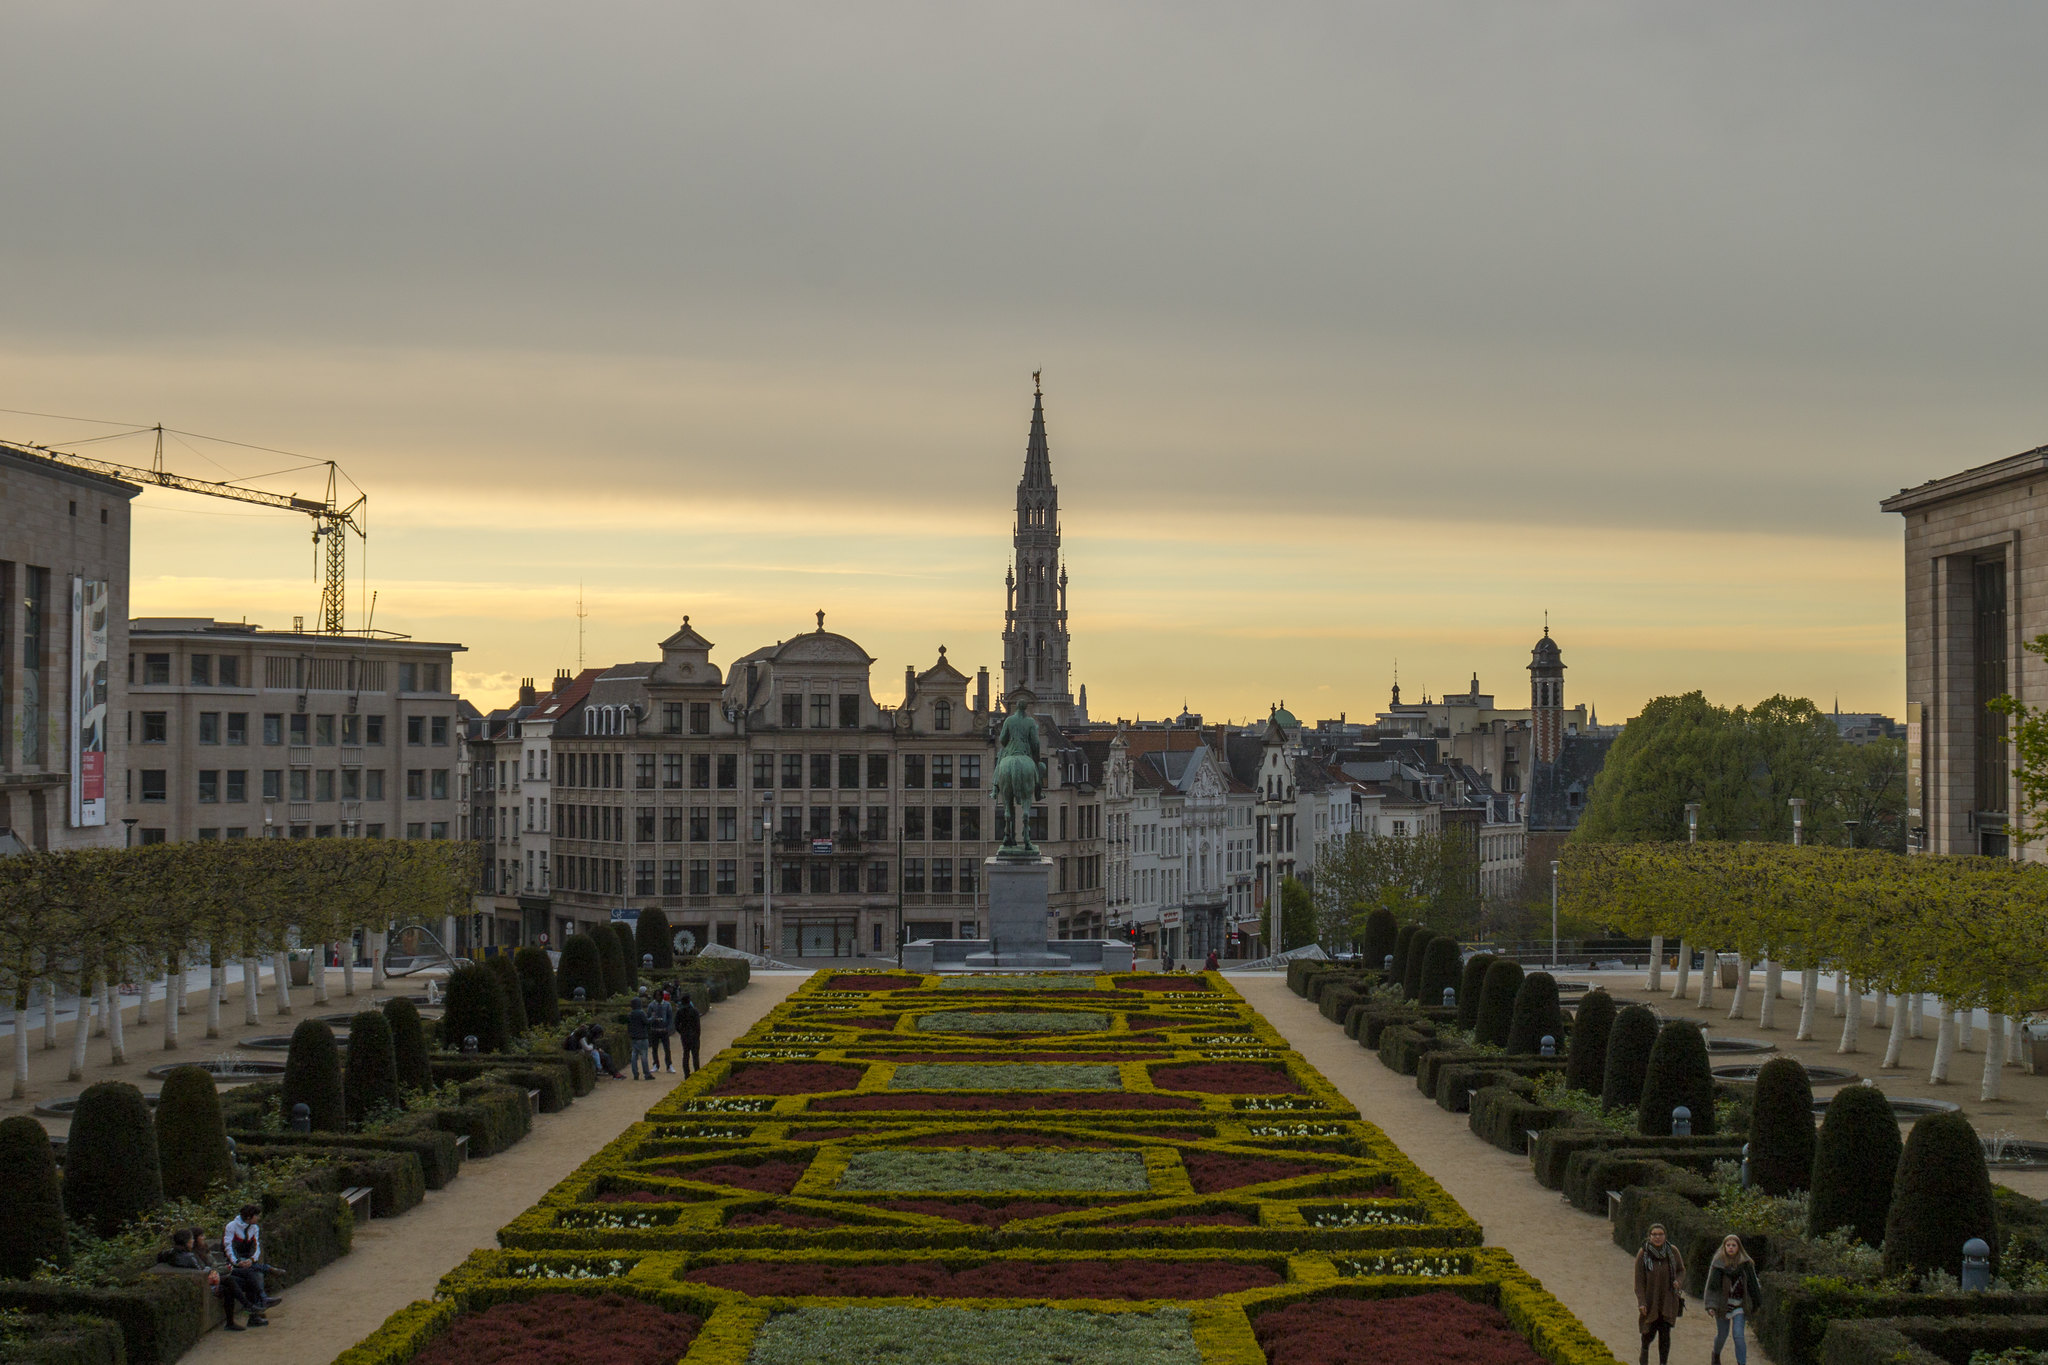 Vacaciones Baratas Bélgica Bruselas